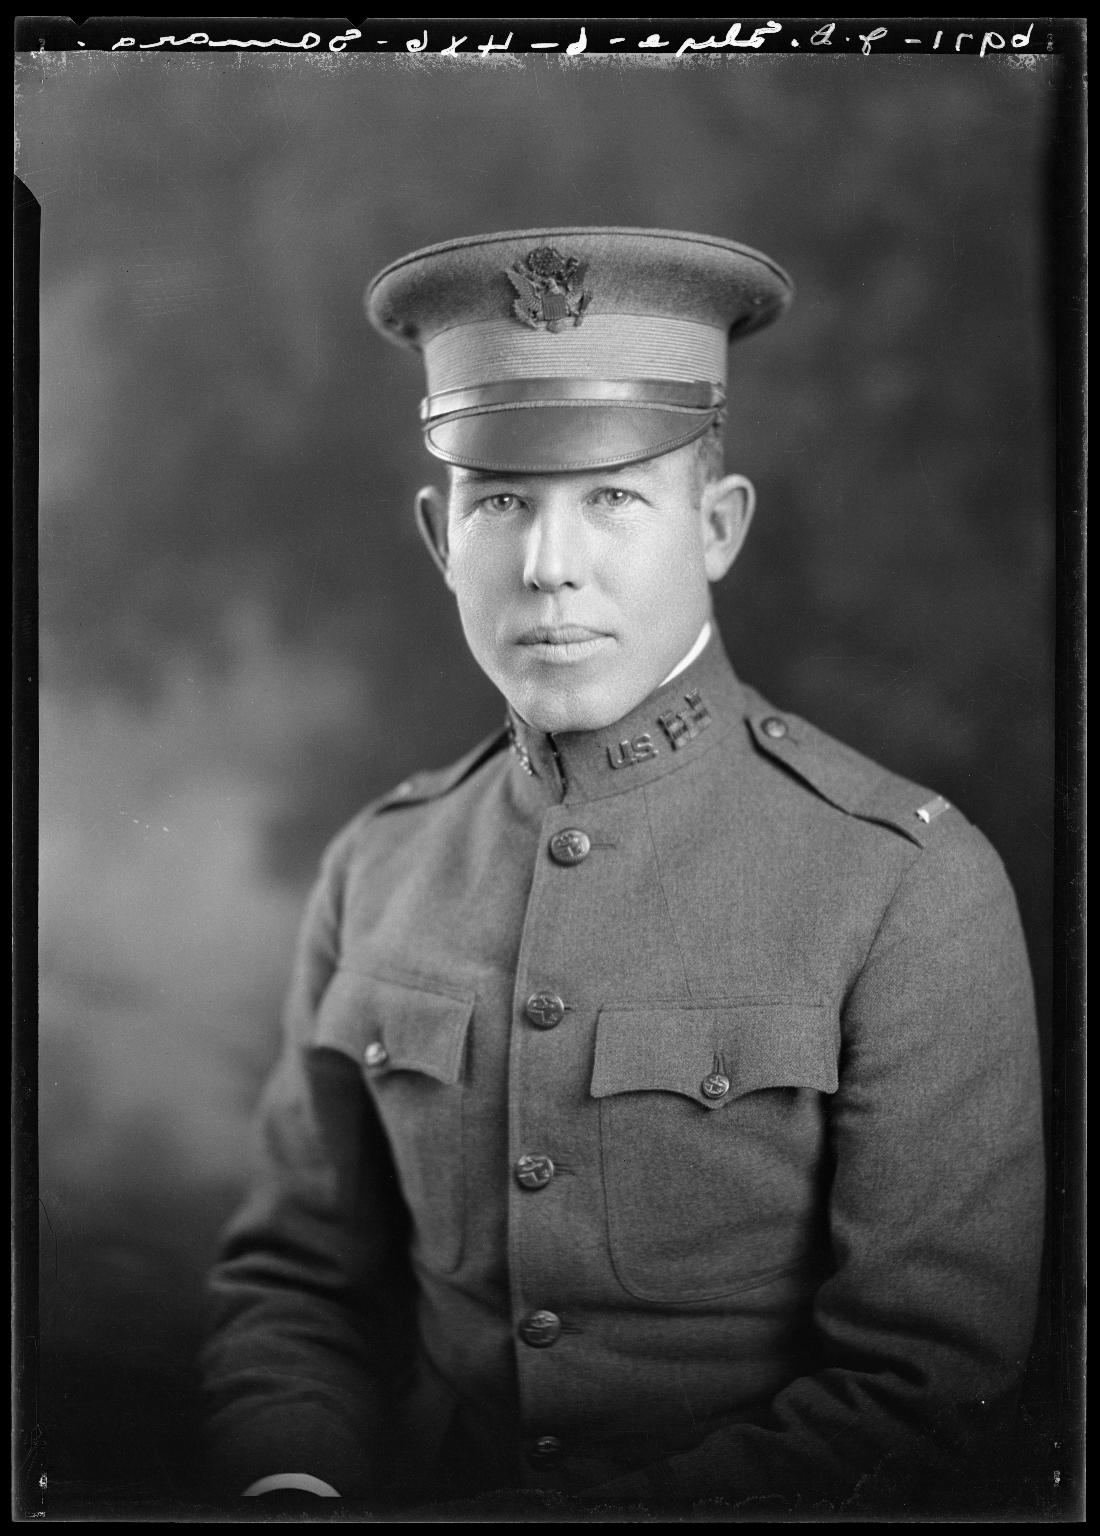 Portrait of J. D. Slye